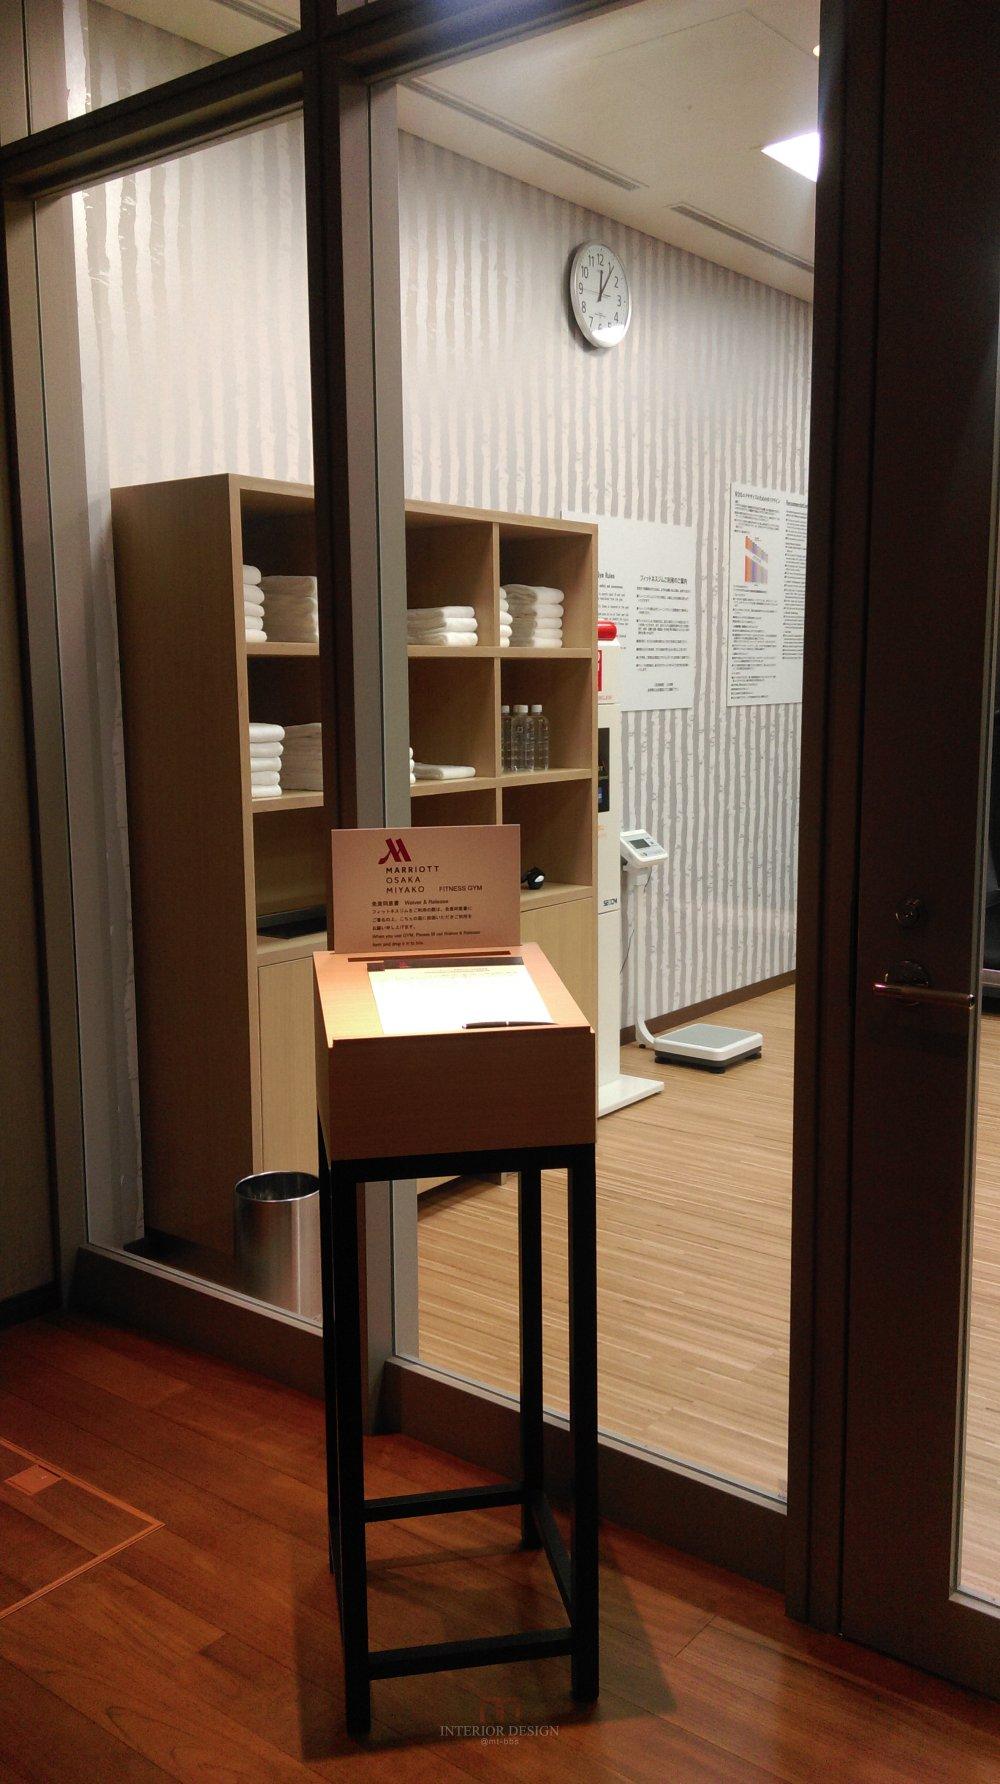 #伙伴一起看日本#  日本设计考察分享(更新美秀美术馆)_IMAG8501.jpg